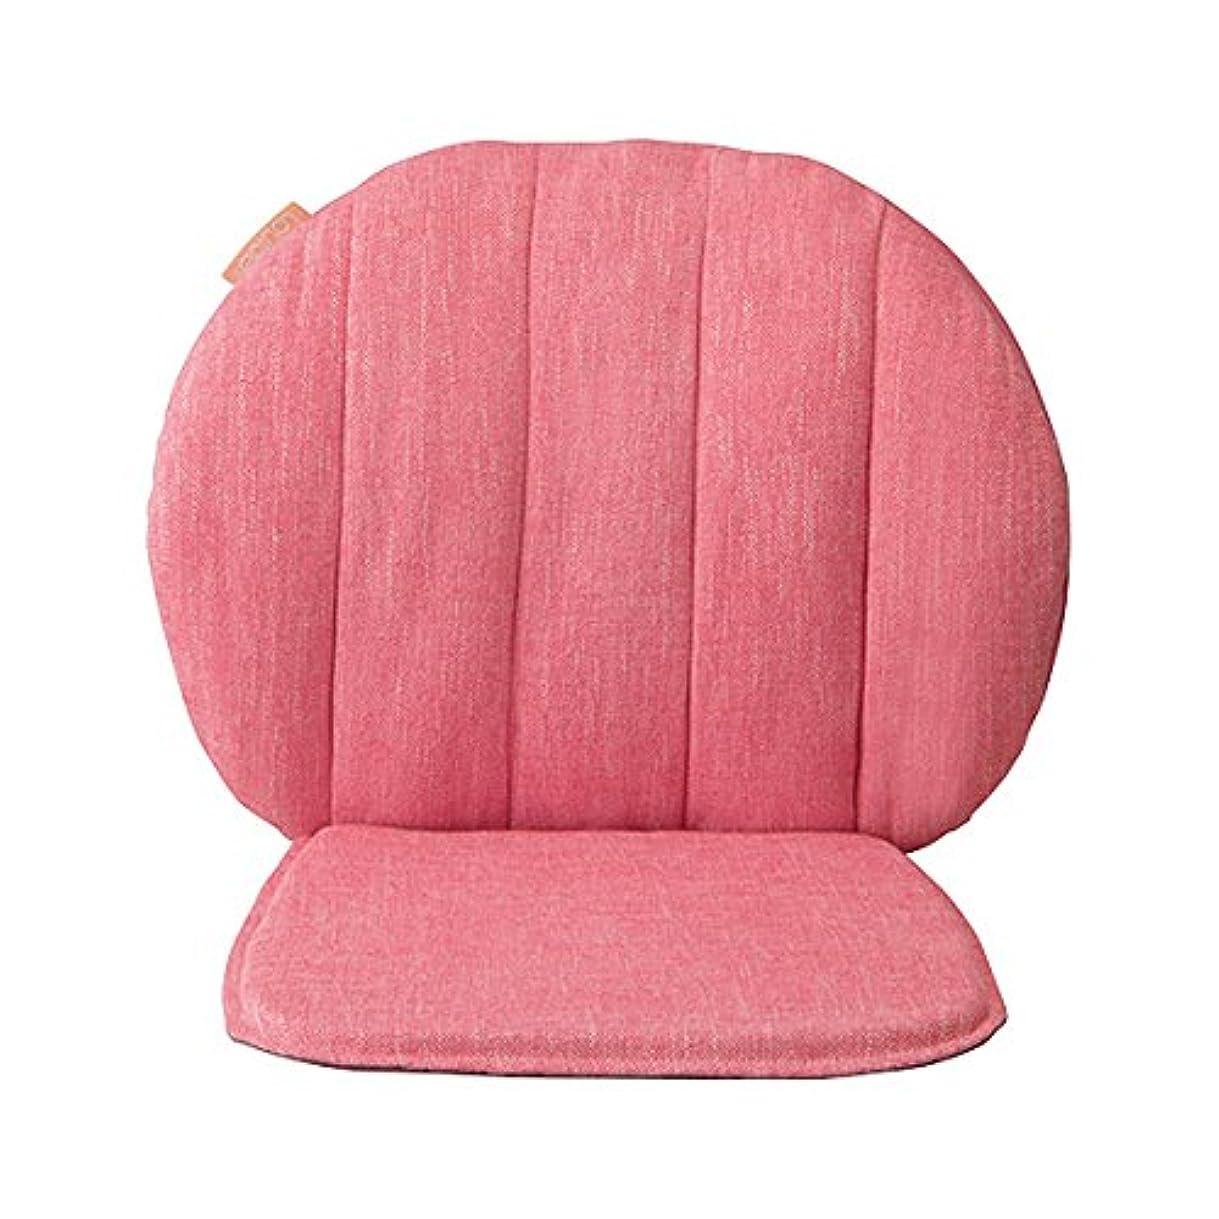 哲学雇った機知に富んだアテックス マッサージクッション フリースタイル(ピンク)ATEX ルルド Massage CUSHION Free Style AX-KCL7500PK